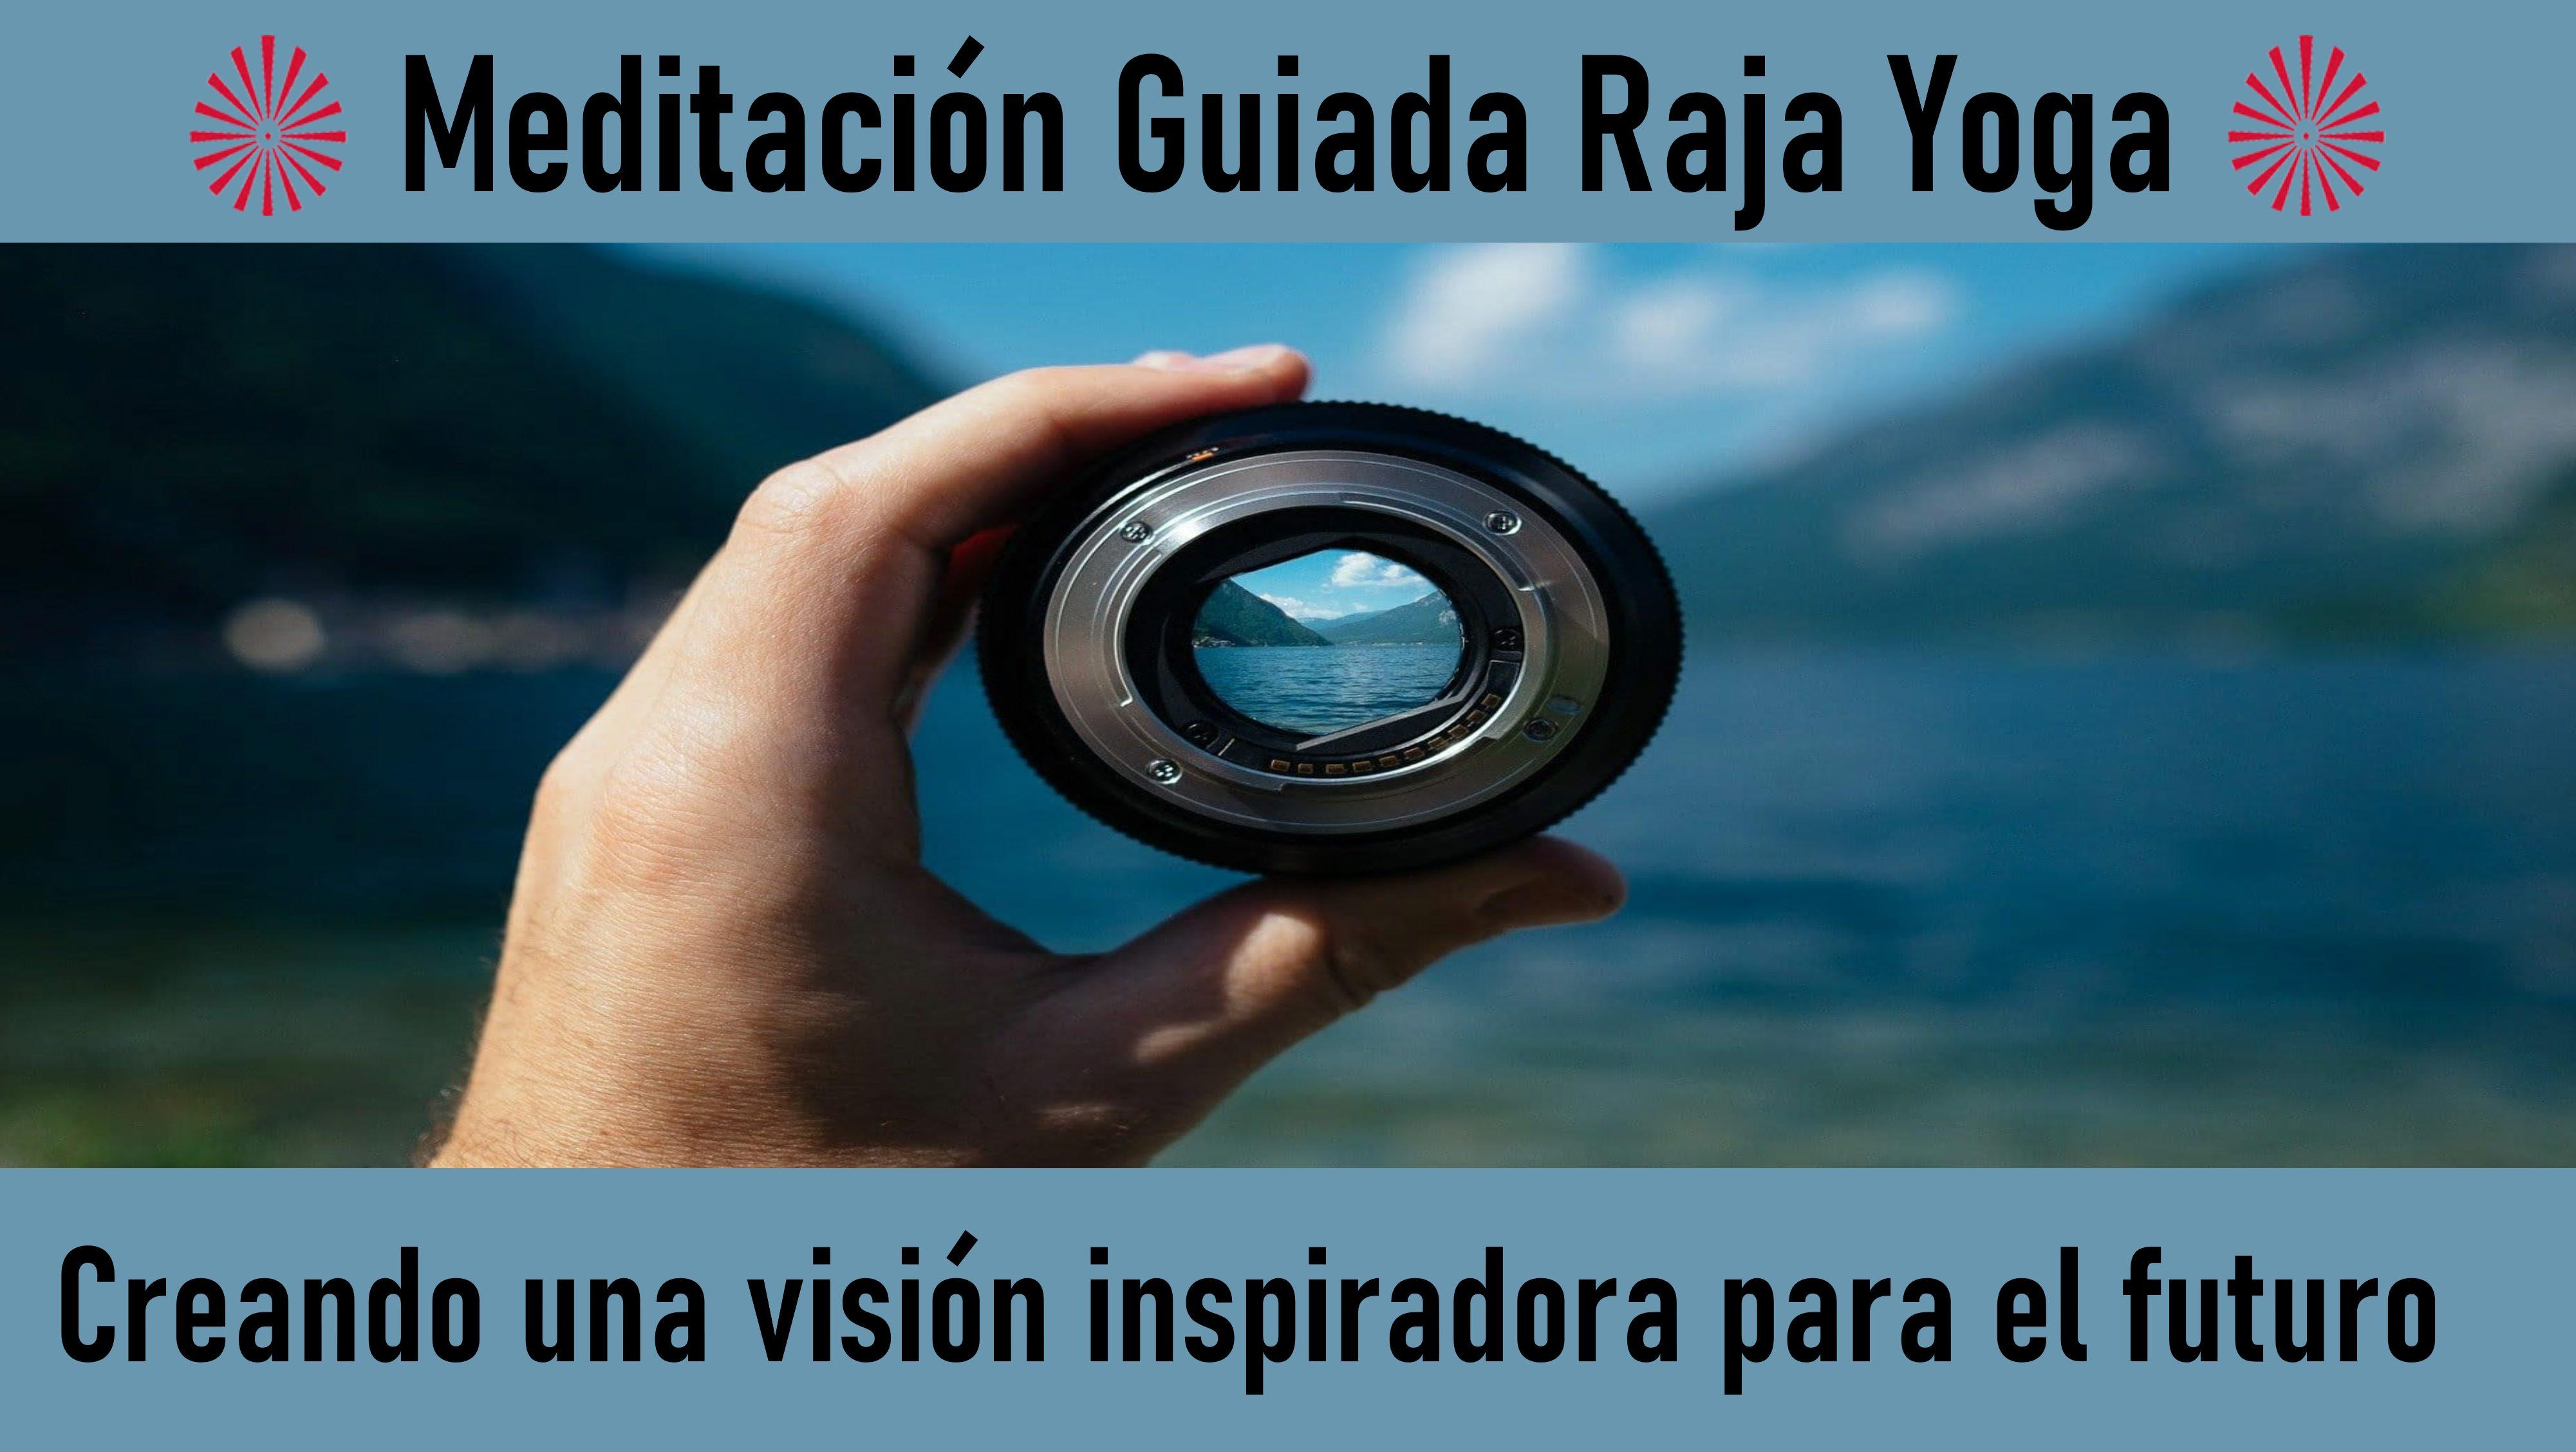 14 Mayo 2020 Meditación Guiada: Creando una visión inspiradora para el futuro